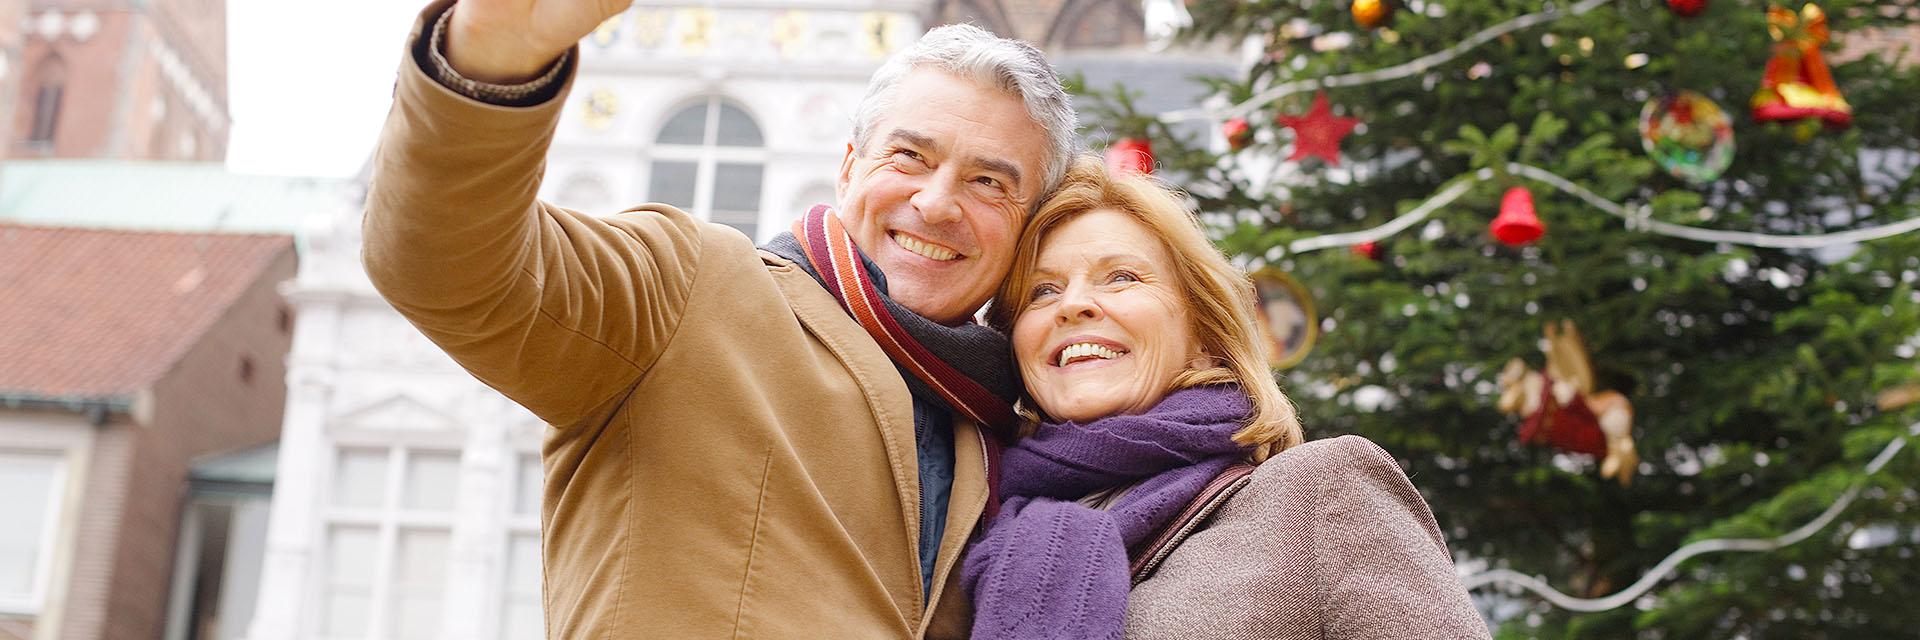 välrenommerade dating byråer